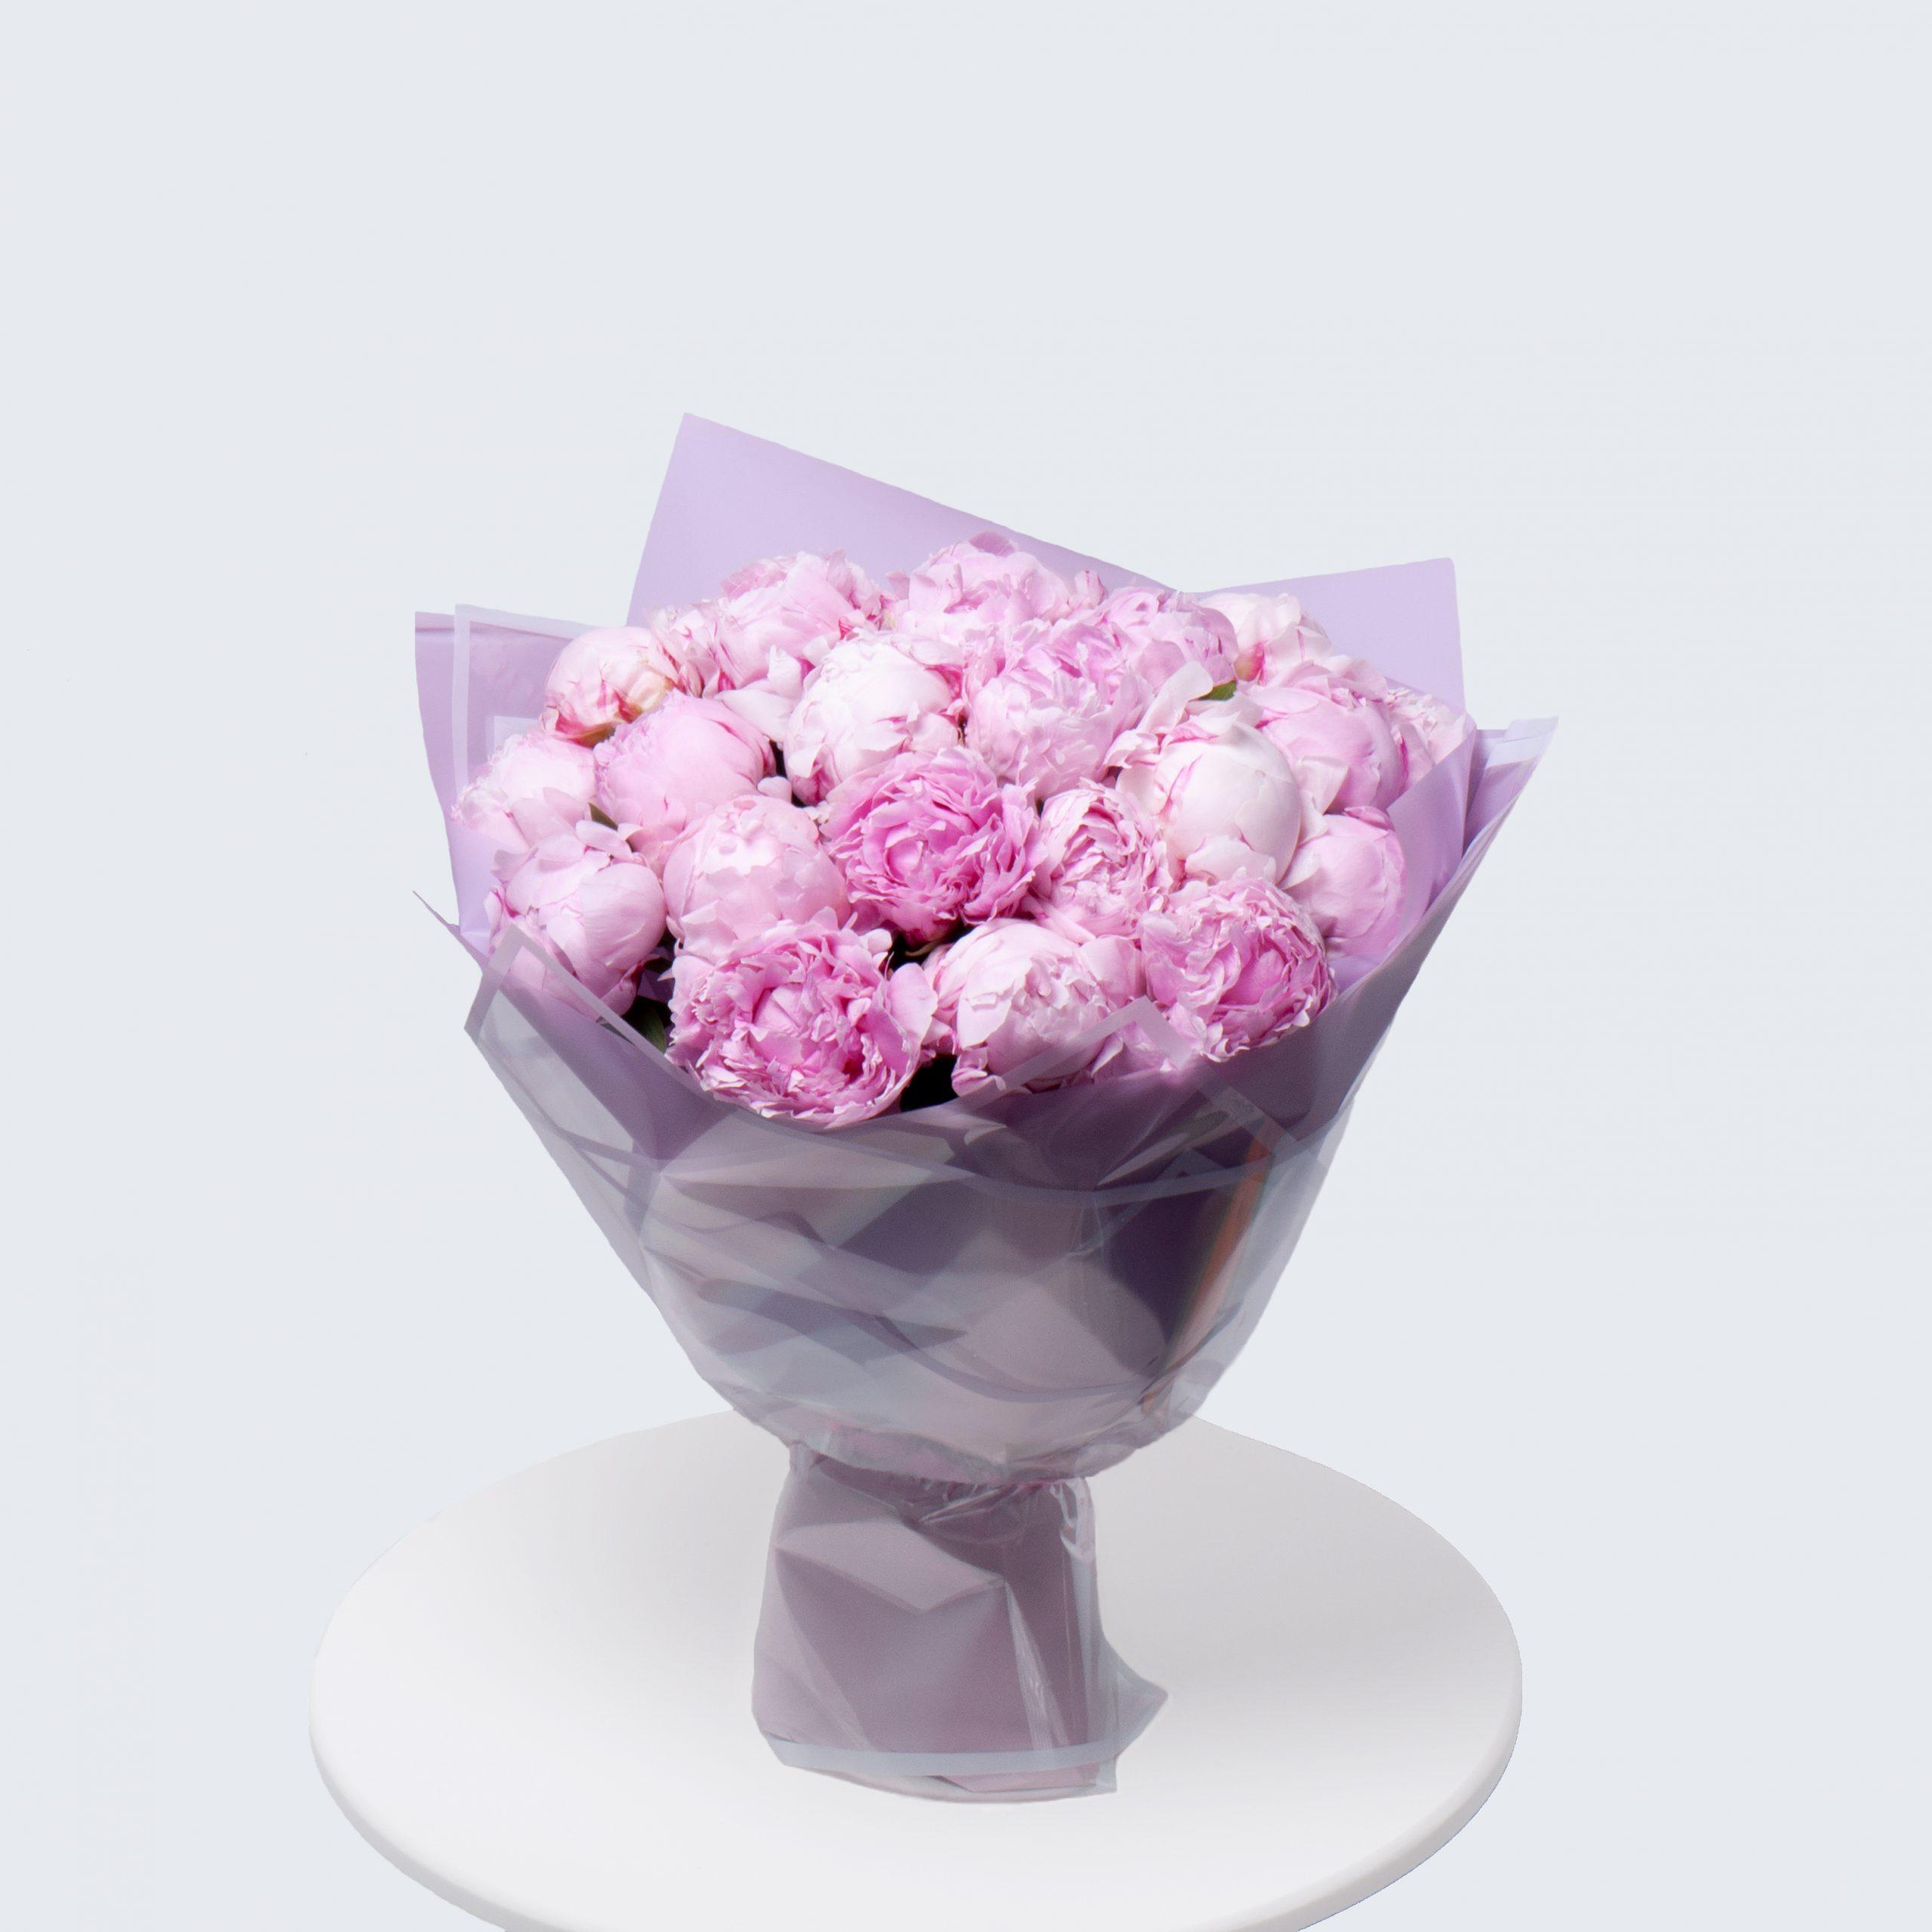 Монобукет из розовых пионов №11 - купить цветы в Санкт Петербурге